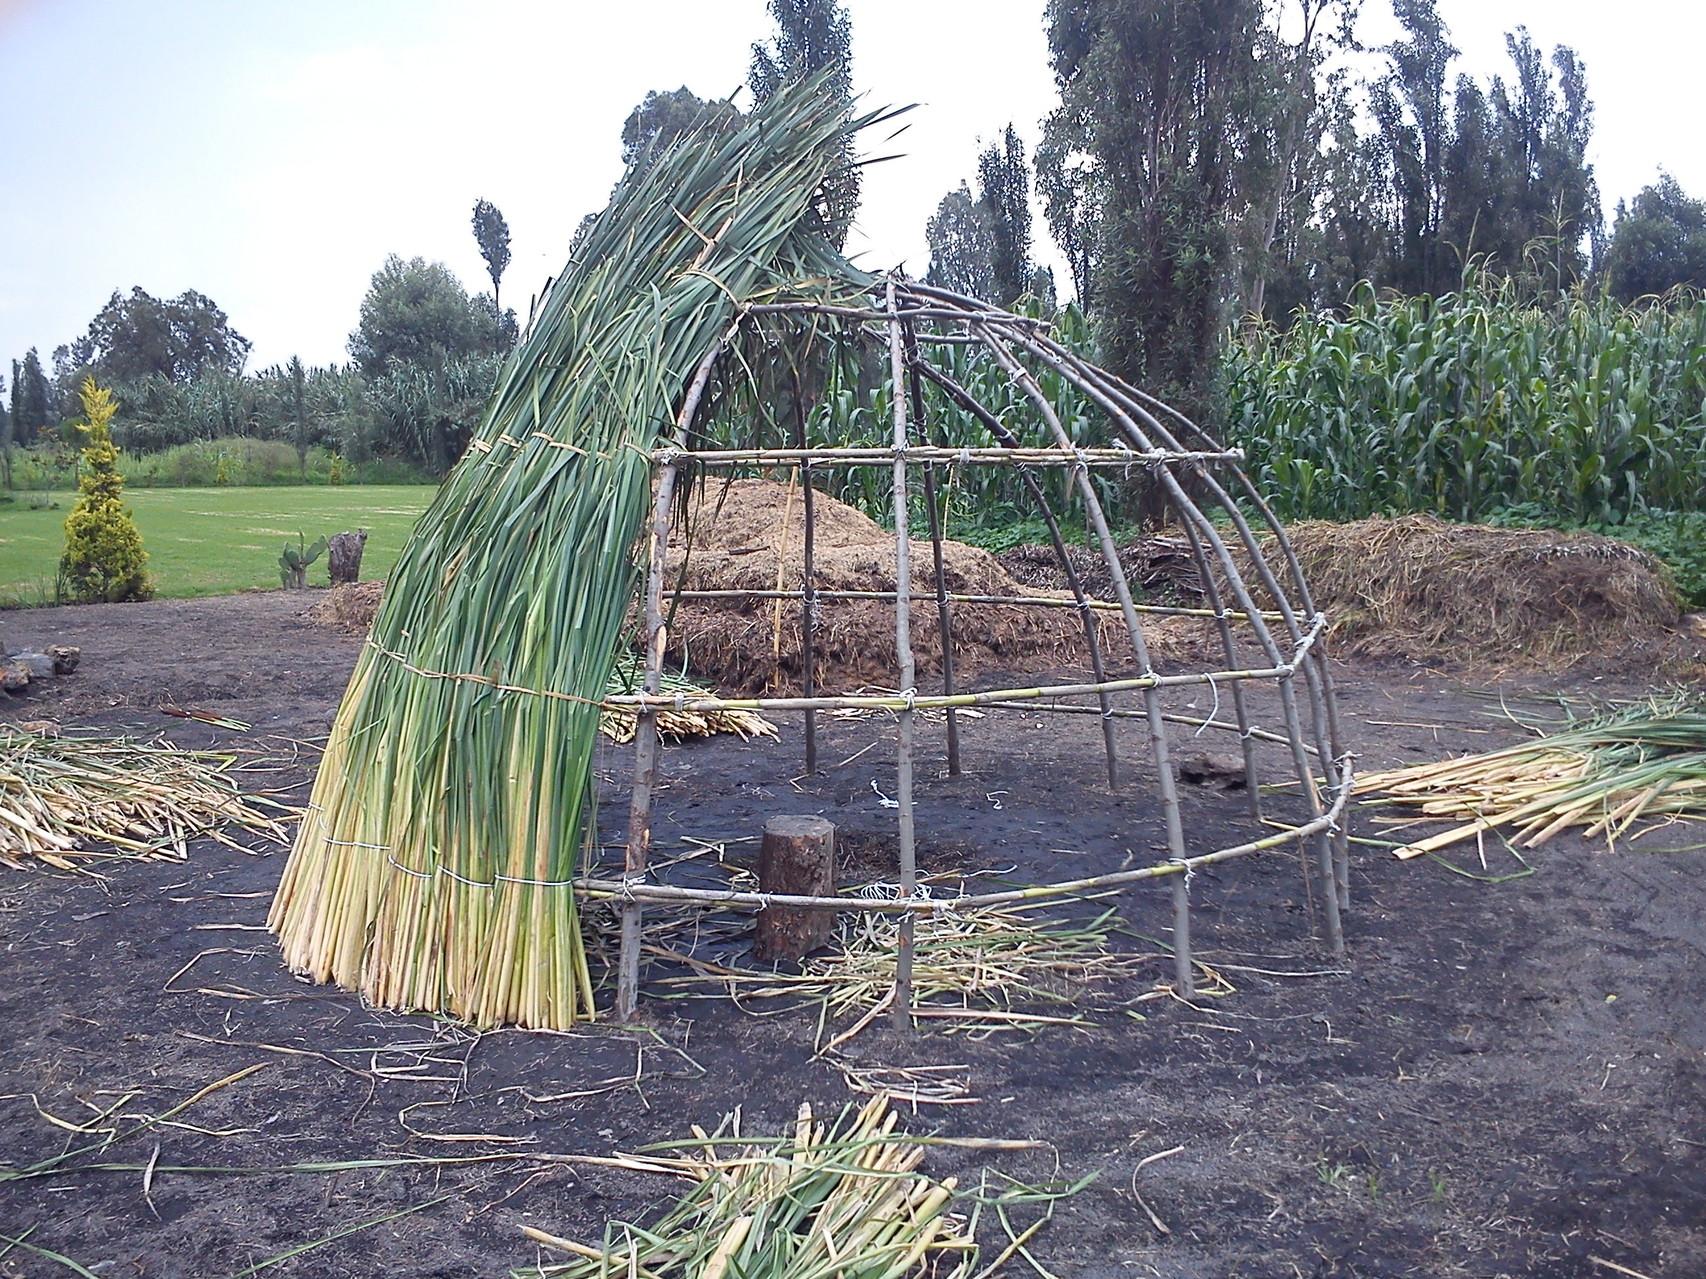 El temazcal autóctono es construido sobre una estructura a base de ramas en forma de domo.